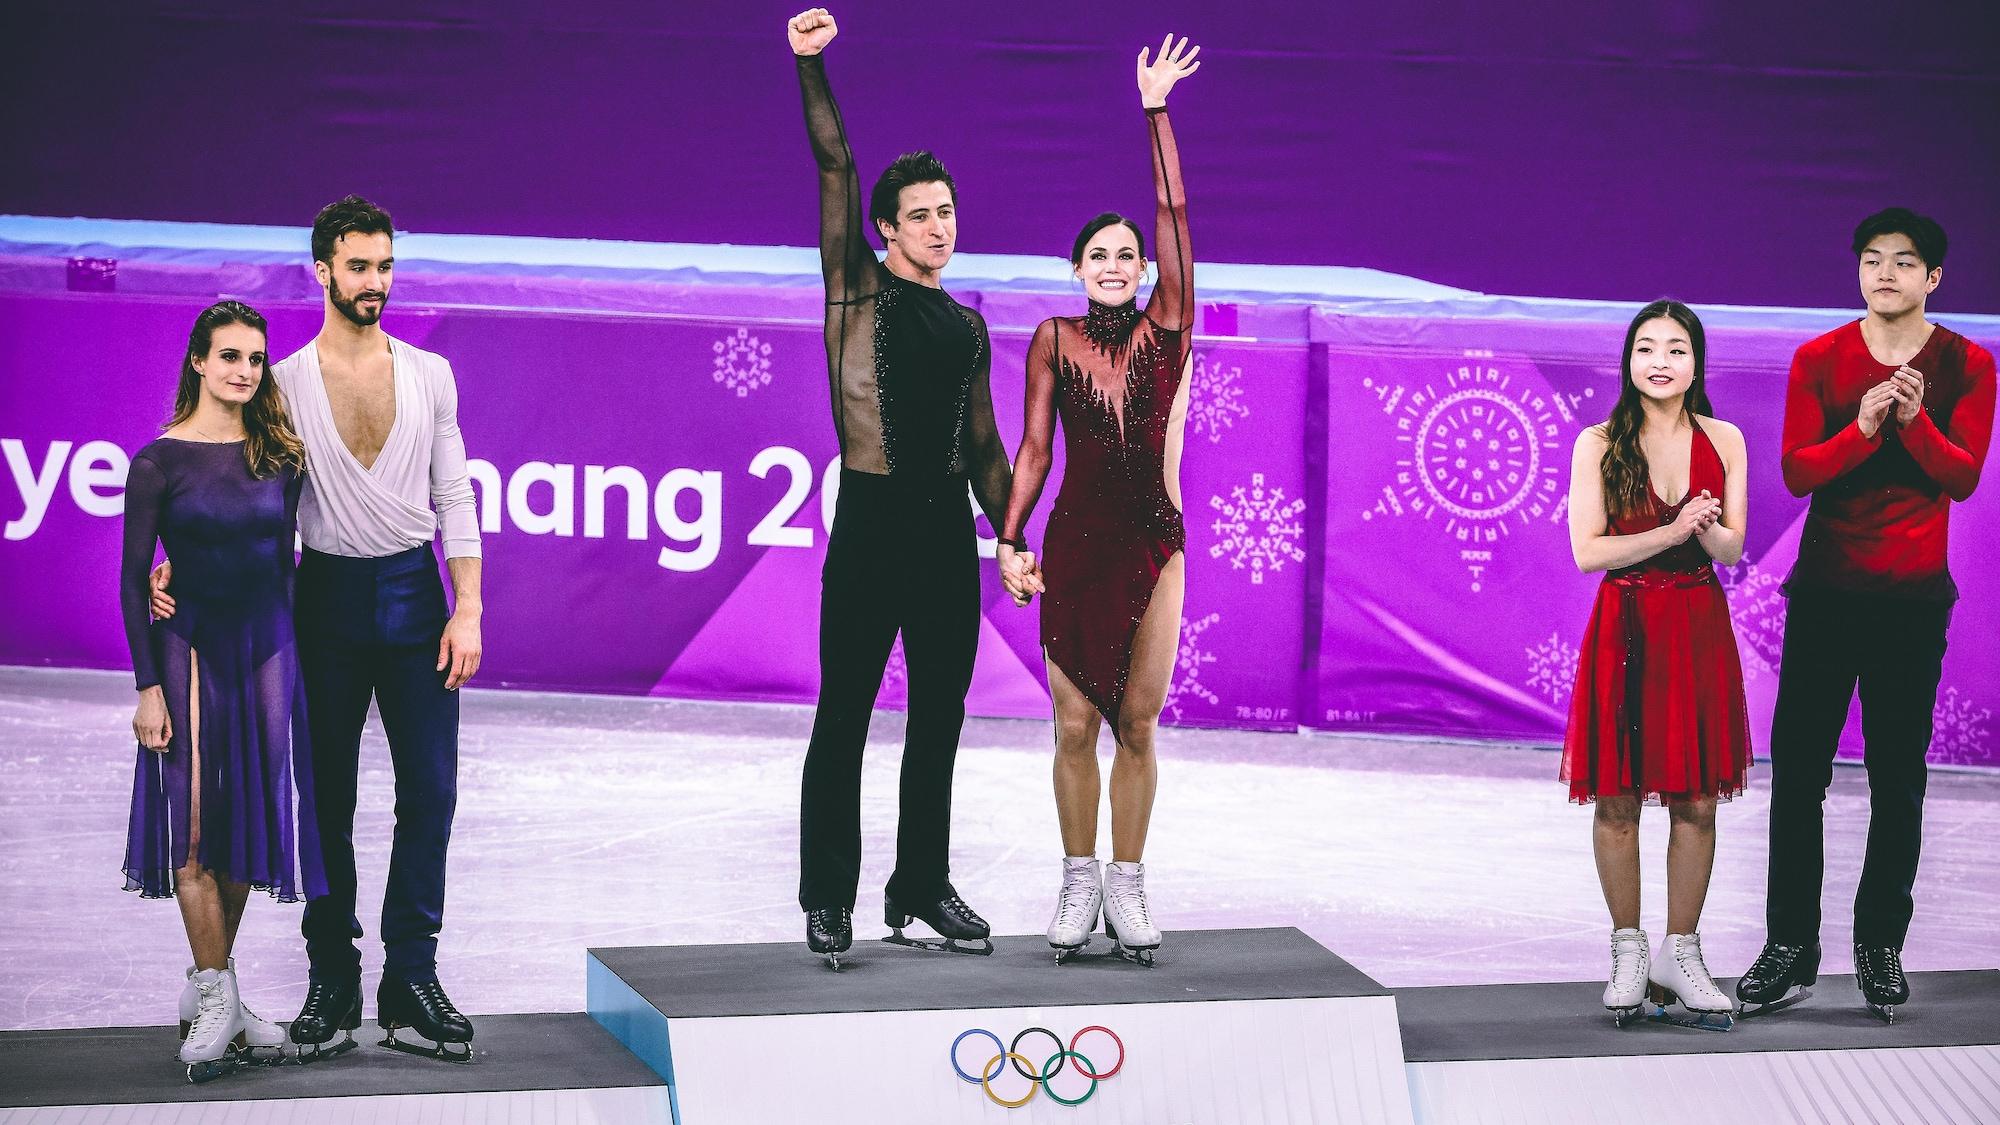 Scott Moir et Tessa Virtue (centre, médaillés d'or, aux côtés de Gabriella Papadakis et Guillaume Cizeron (gauche), médaillés d'argent, et Maia Shibutani et Alex Shibutani, médaillés de bronze en danse, aux Jeux olympiques de Pyeongchang.